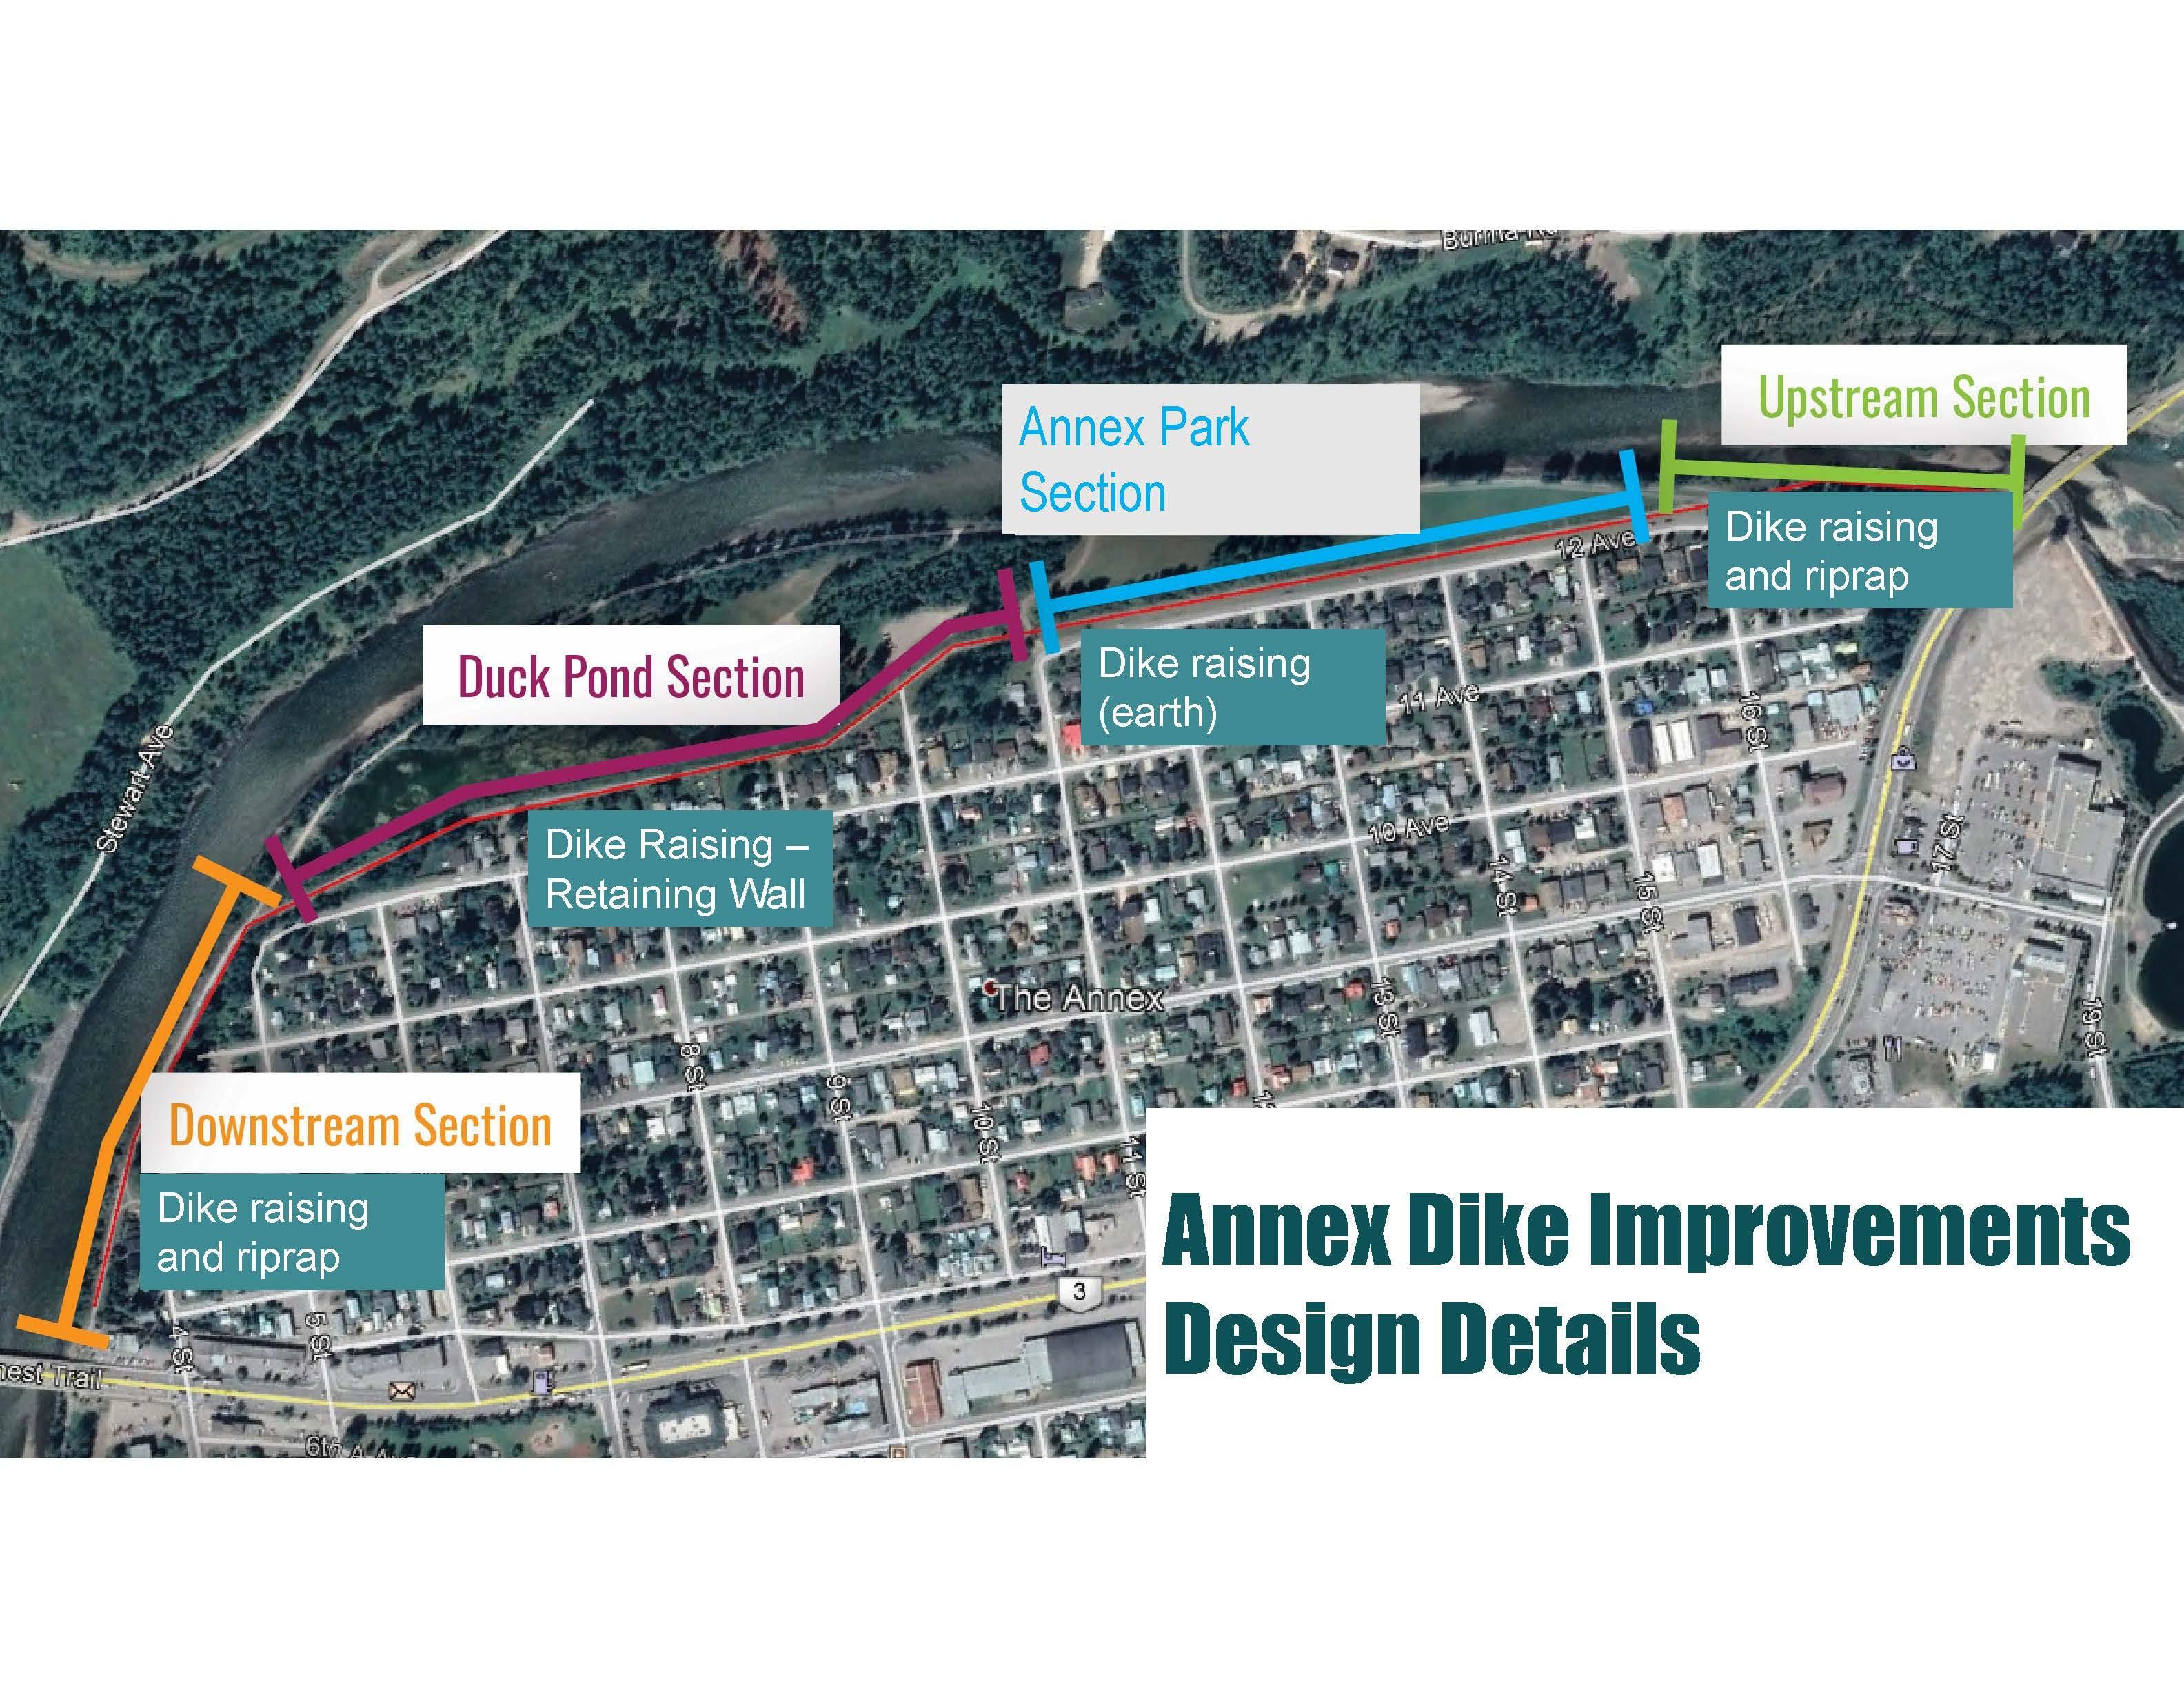 Design Details Image.jpg